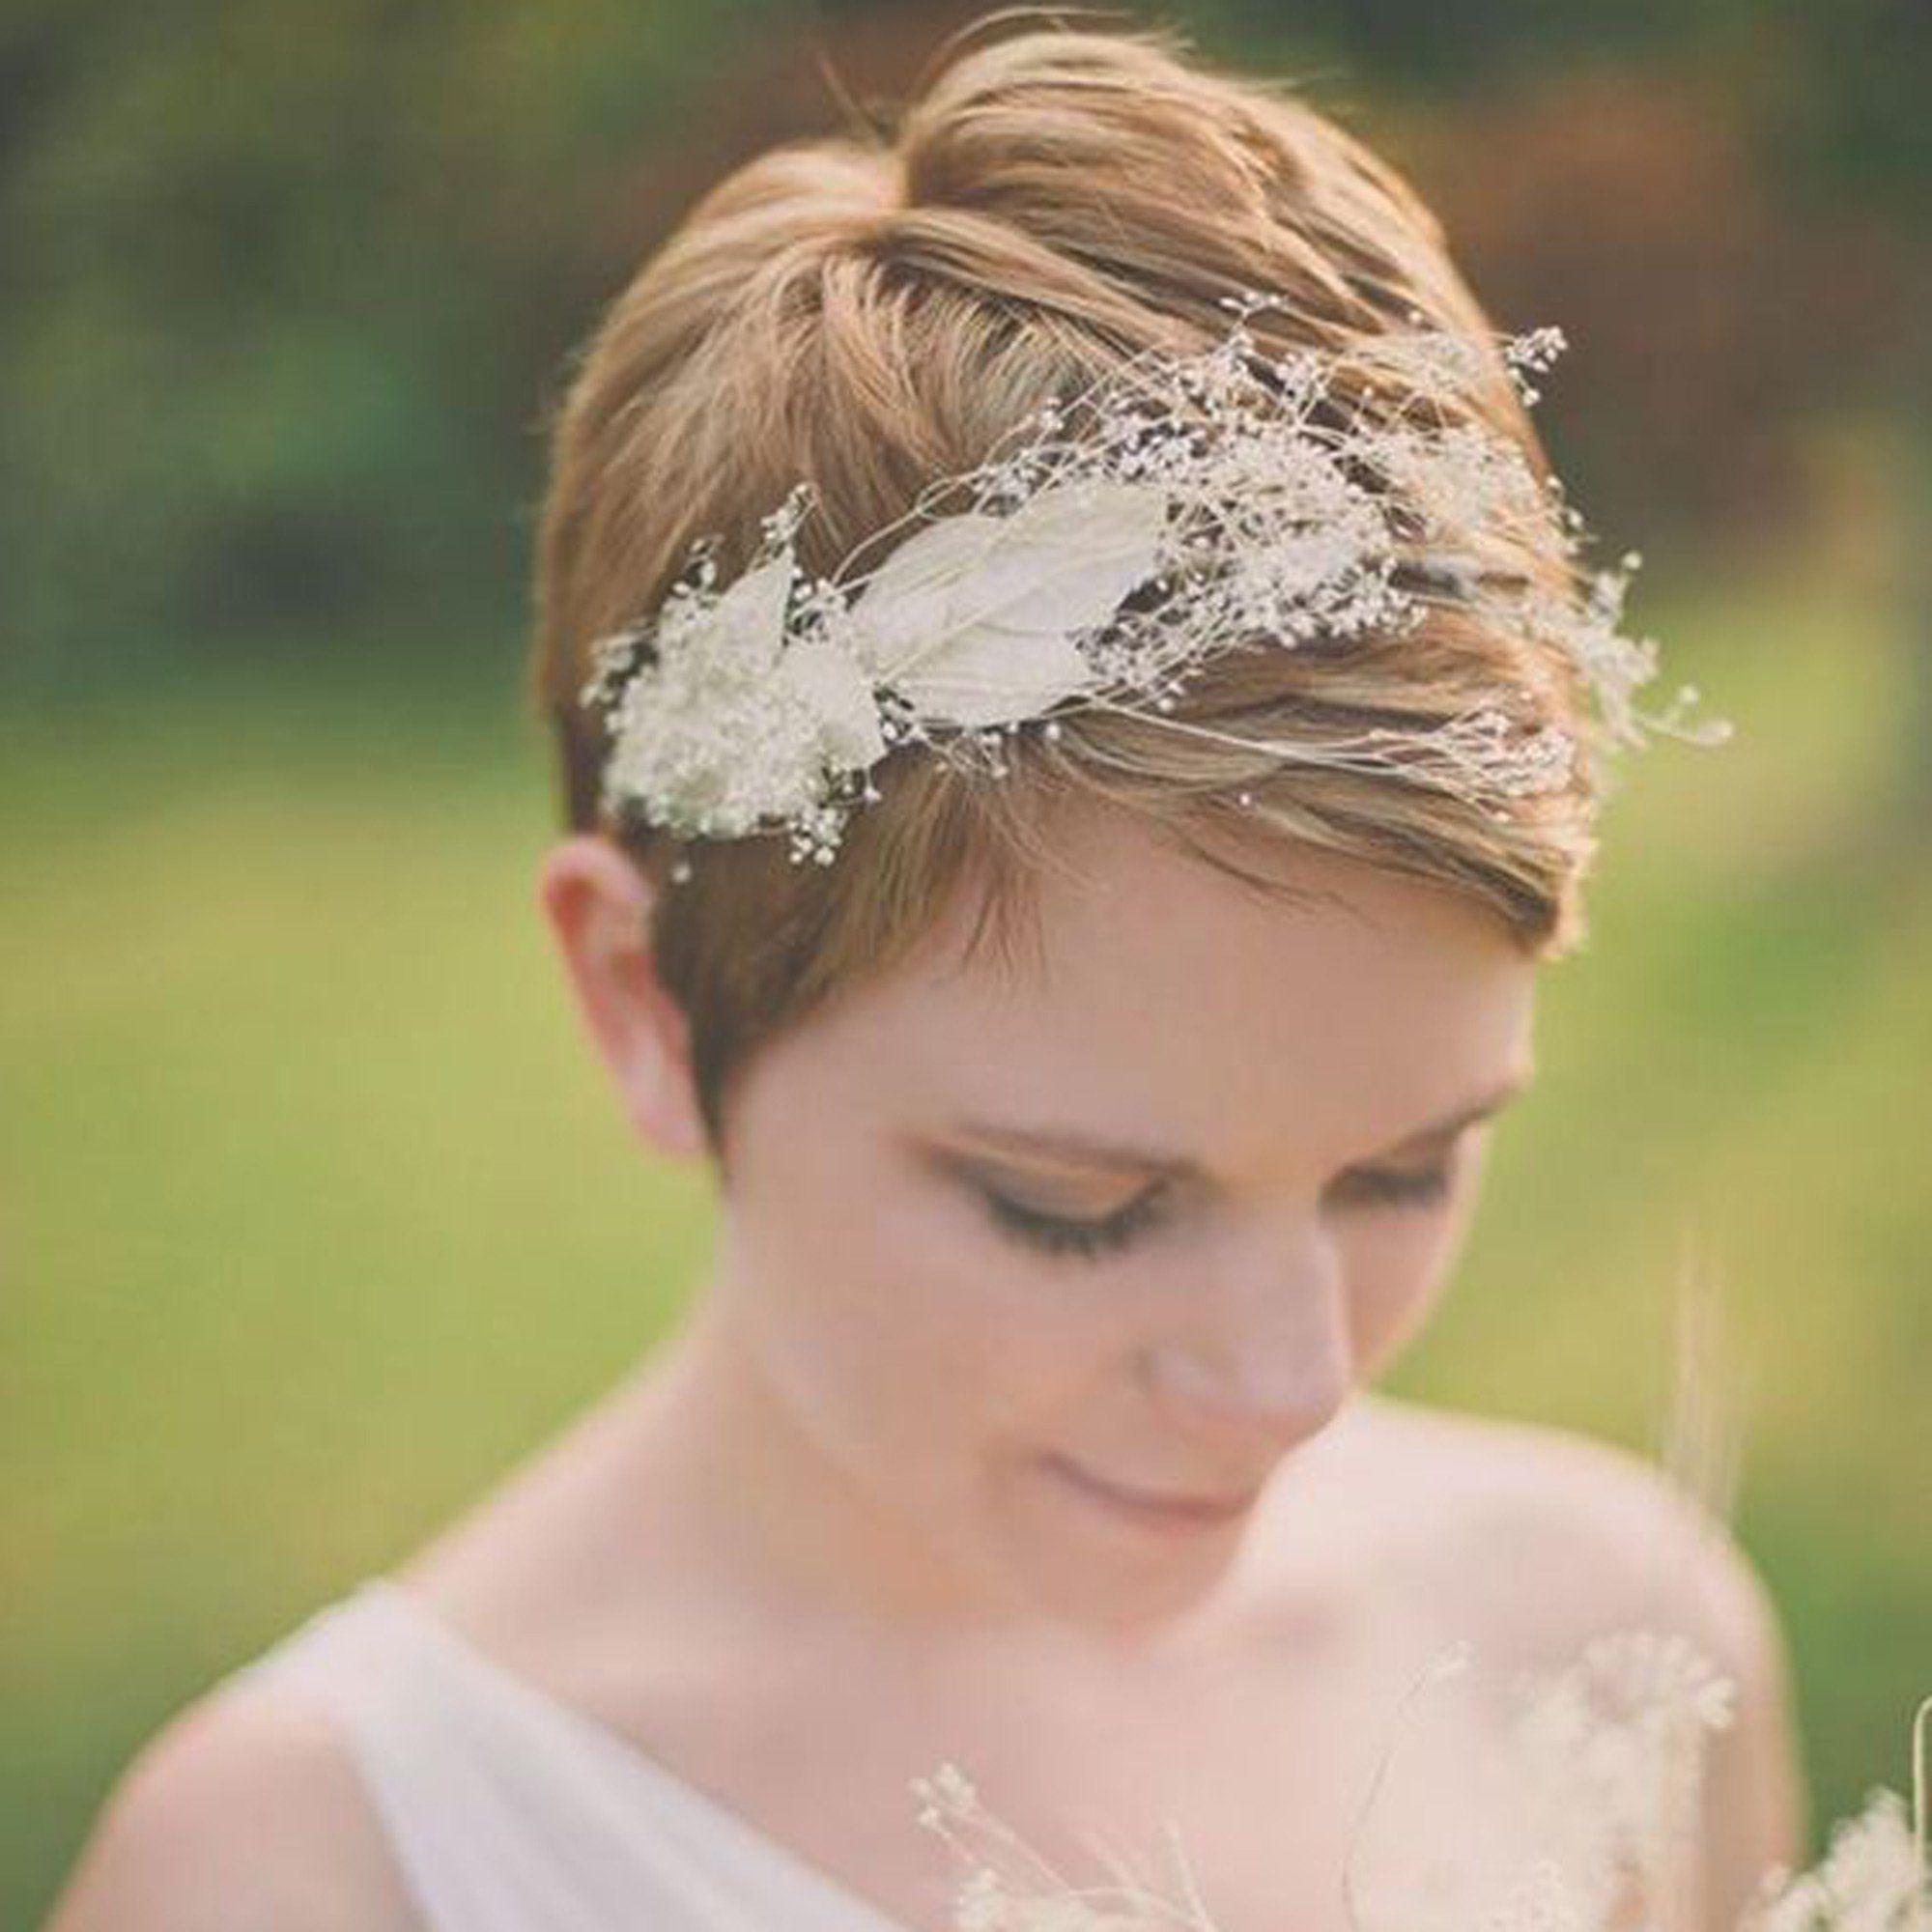 14 idées de coiffures de mariée pour cheveux courts repérées sur Pinterest   Coiffure mariage ...